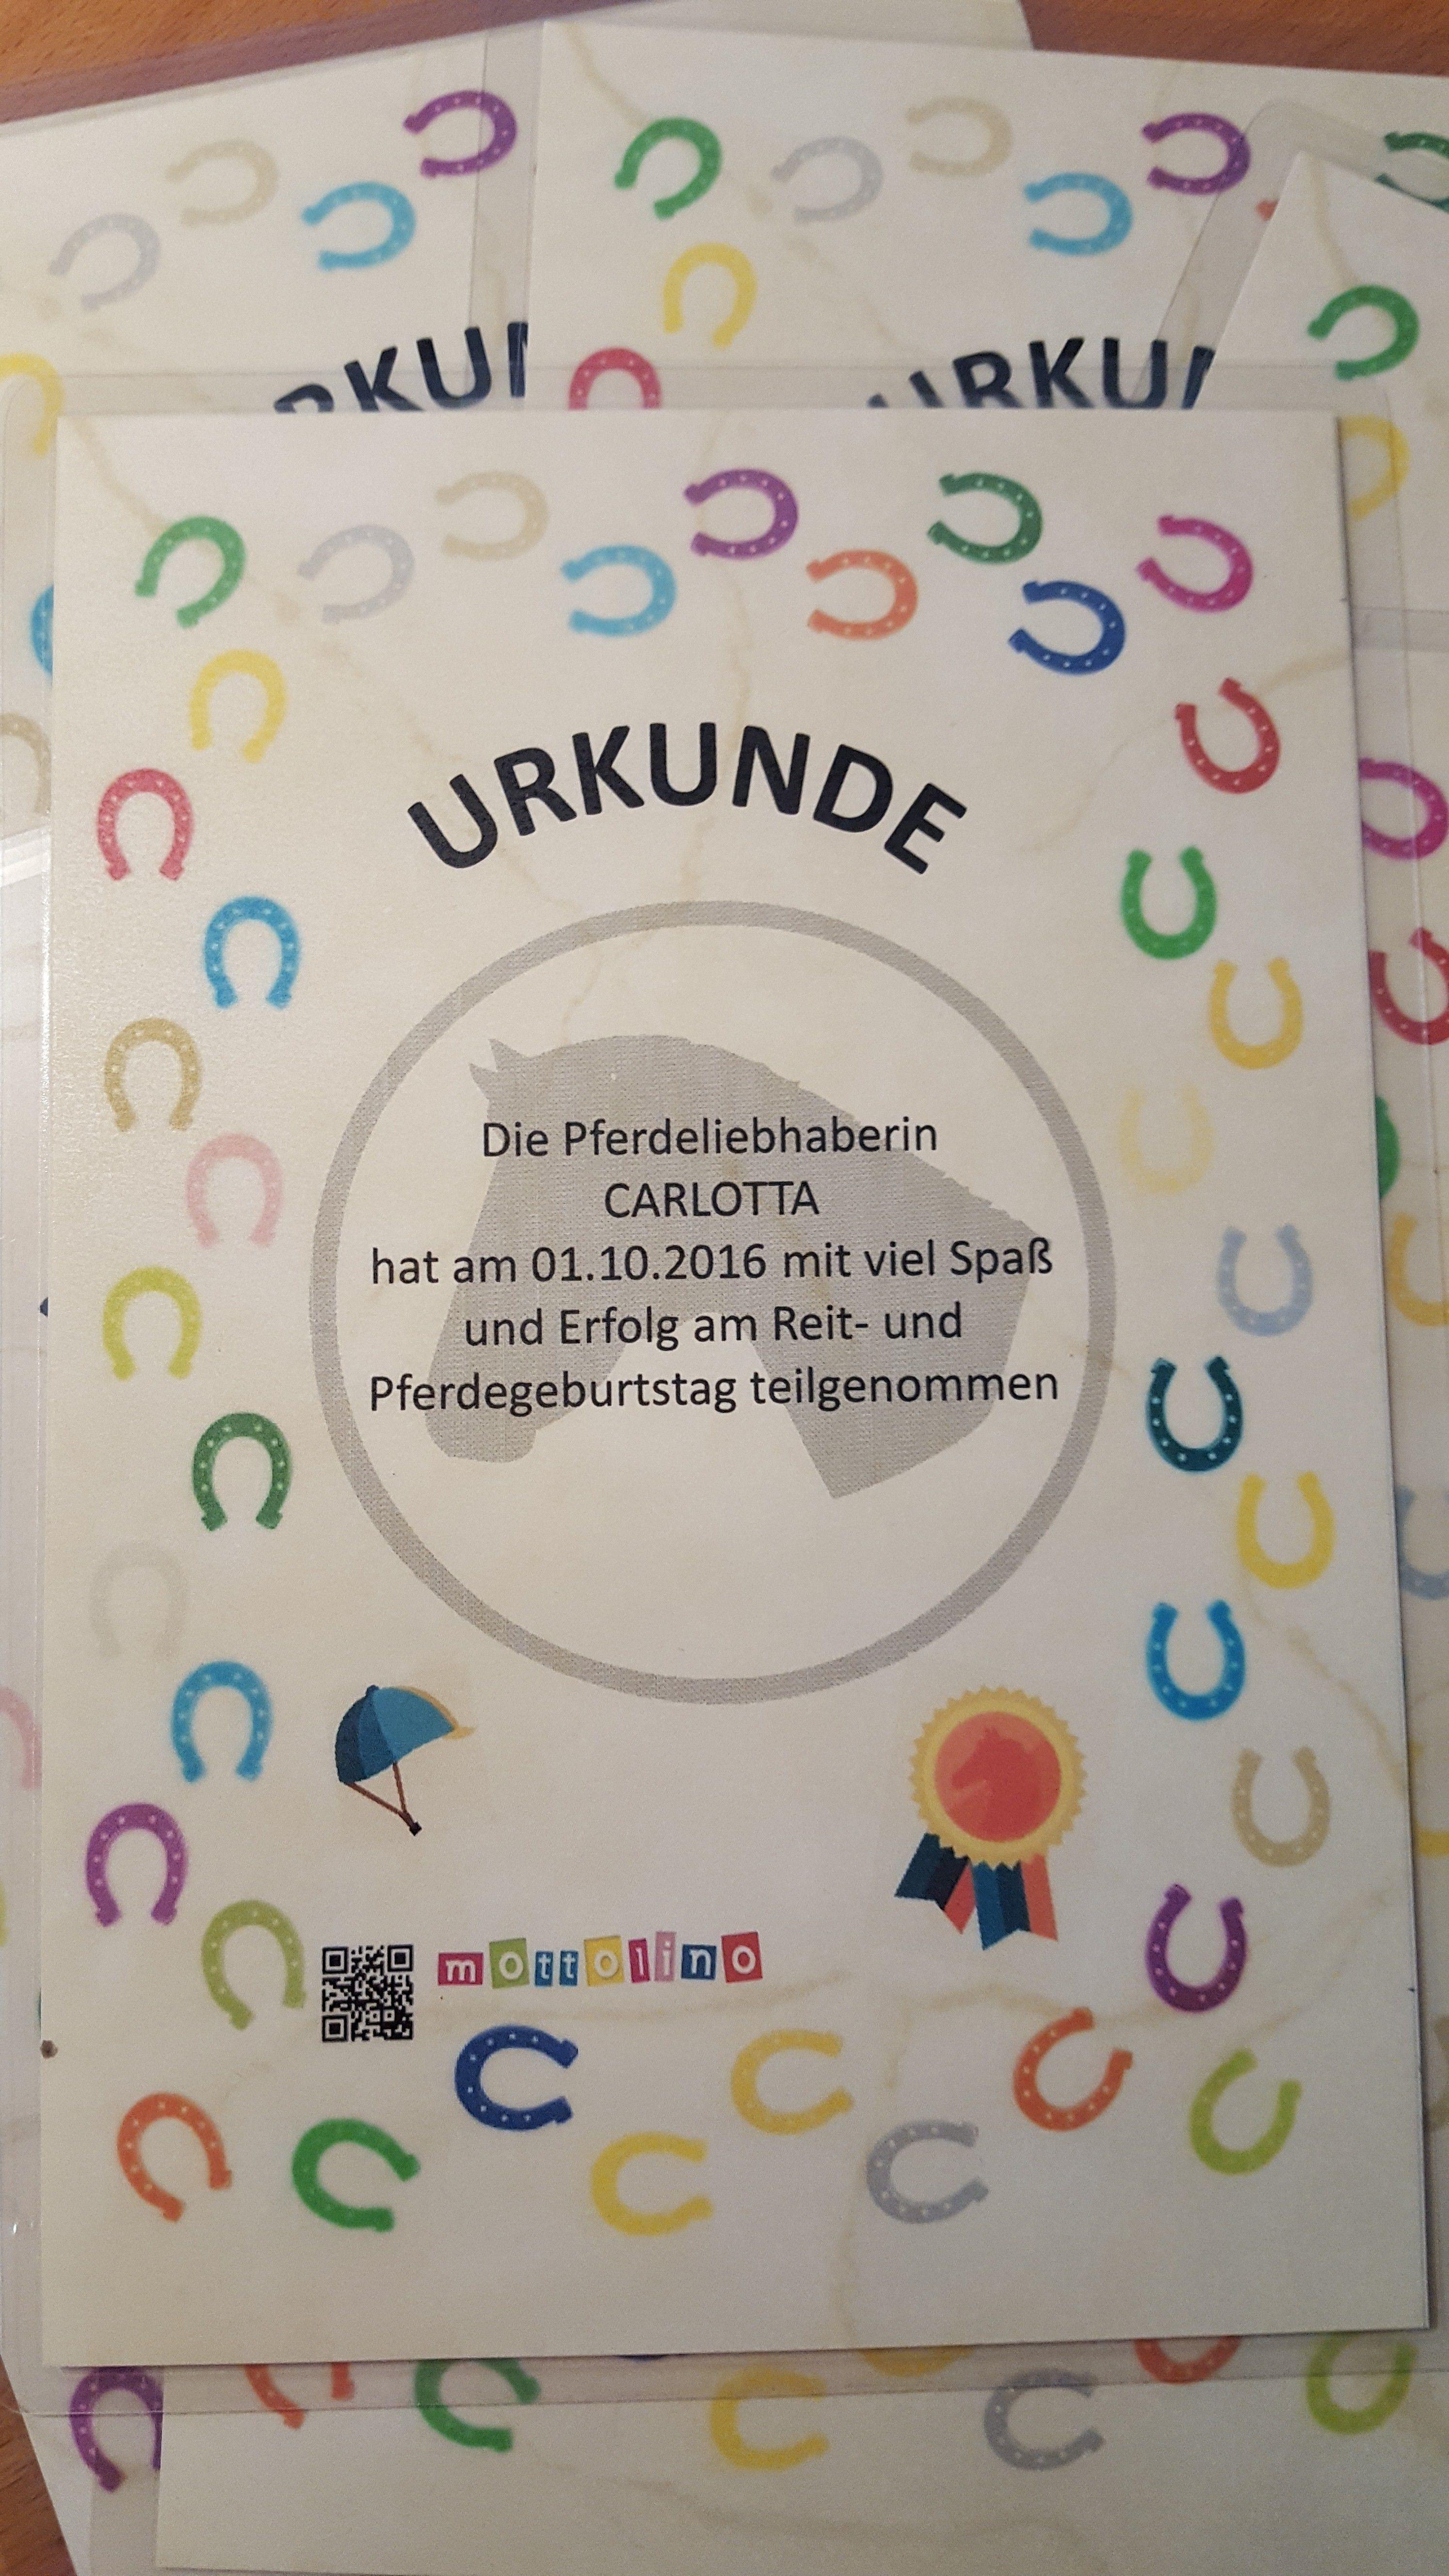 Urkunde Pferdegeburtstag www.mottolino.de   Geburtstagsurkunden ...